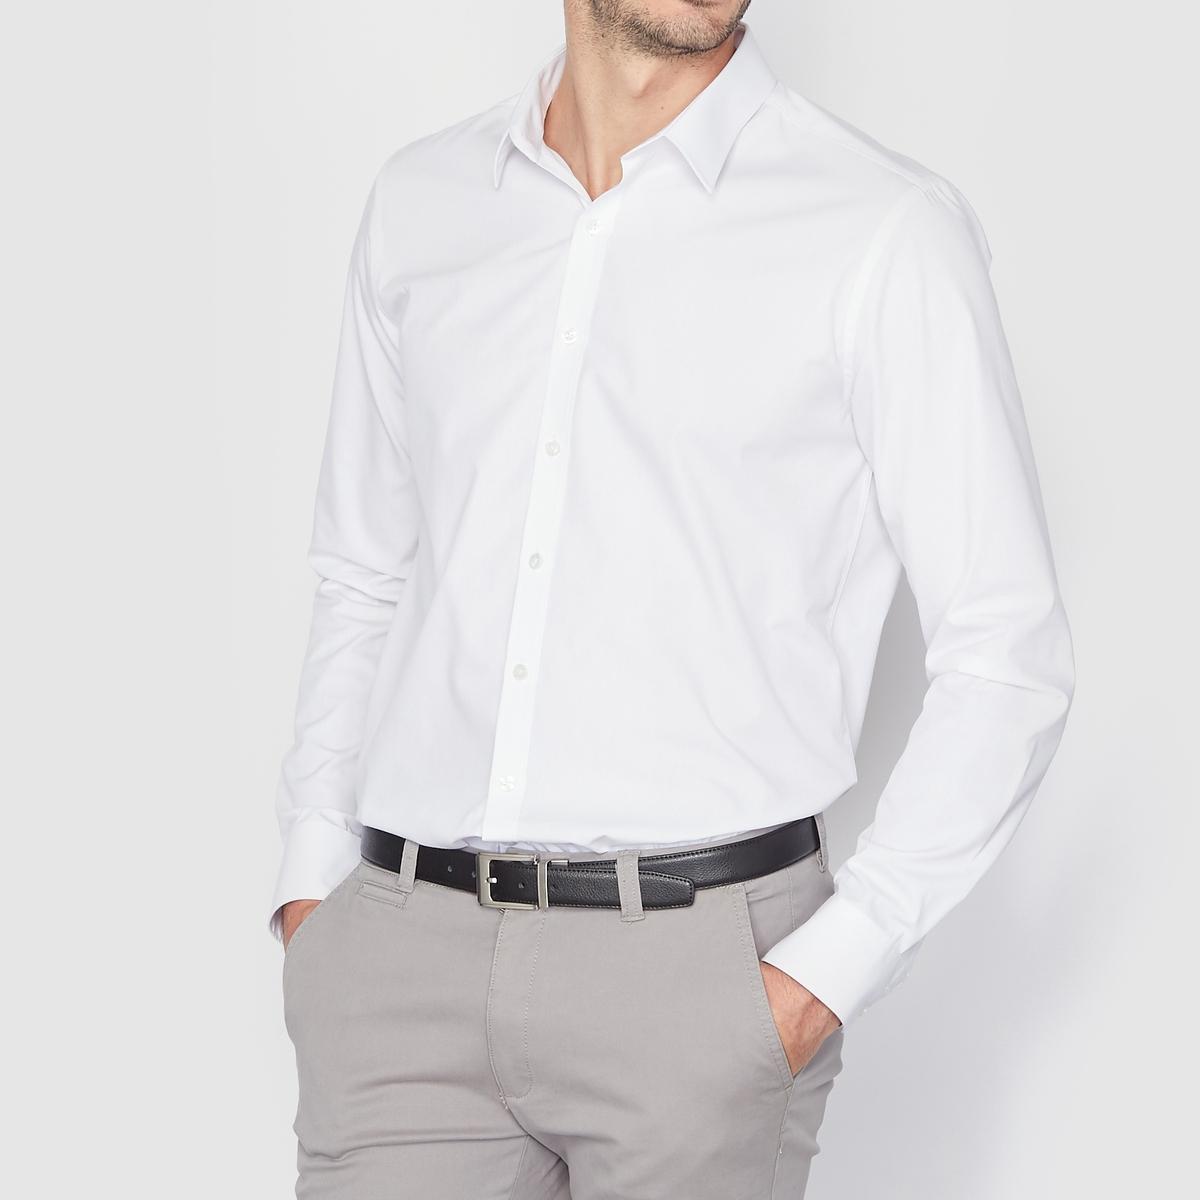 Рубашка однотонная прямого покрояРубашка прямого покроя с длинными рукавами. Длина 77 см.   Легкая глажка.Низ рукавов с застежкой на пуговицы. 55% хлопка, 45% полиэстера.<br><br>Цвет: белый,небесно-голубой,темно-синий,черный<br>Размер: 37/38.39/40.43/44.35/36.37/38.41/42.43/44.41/42.43/44.47/48.47/48